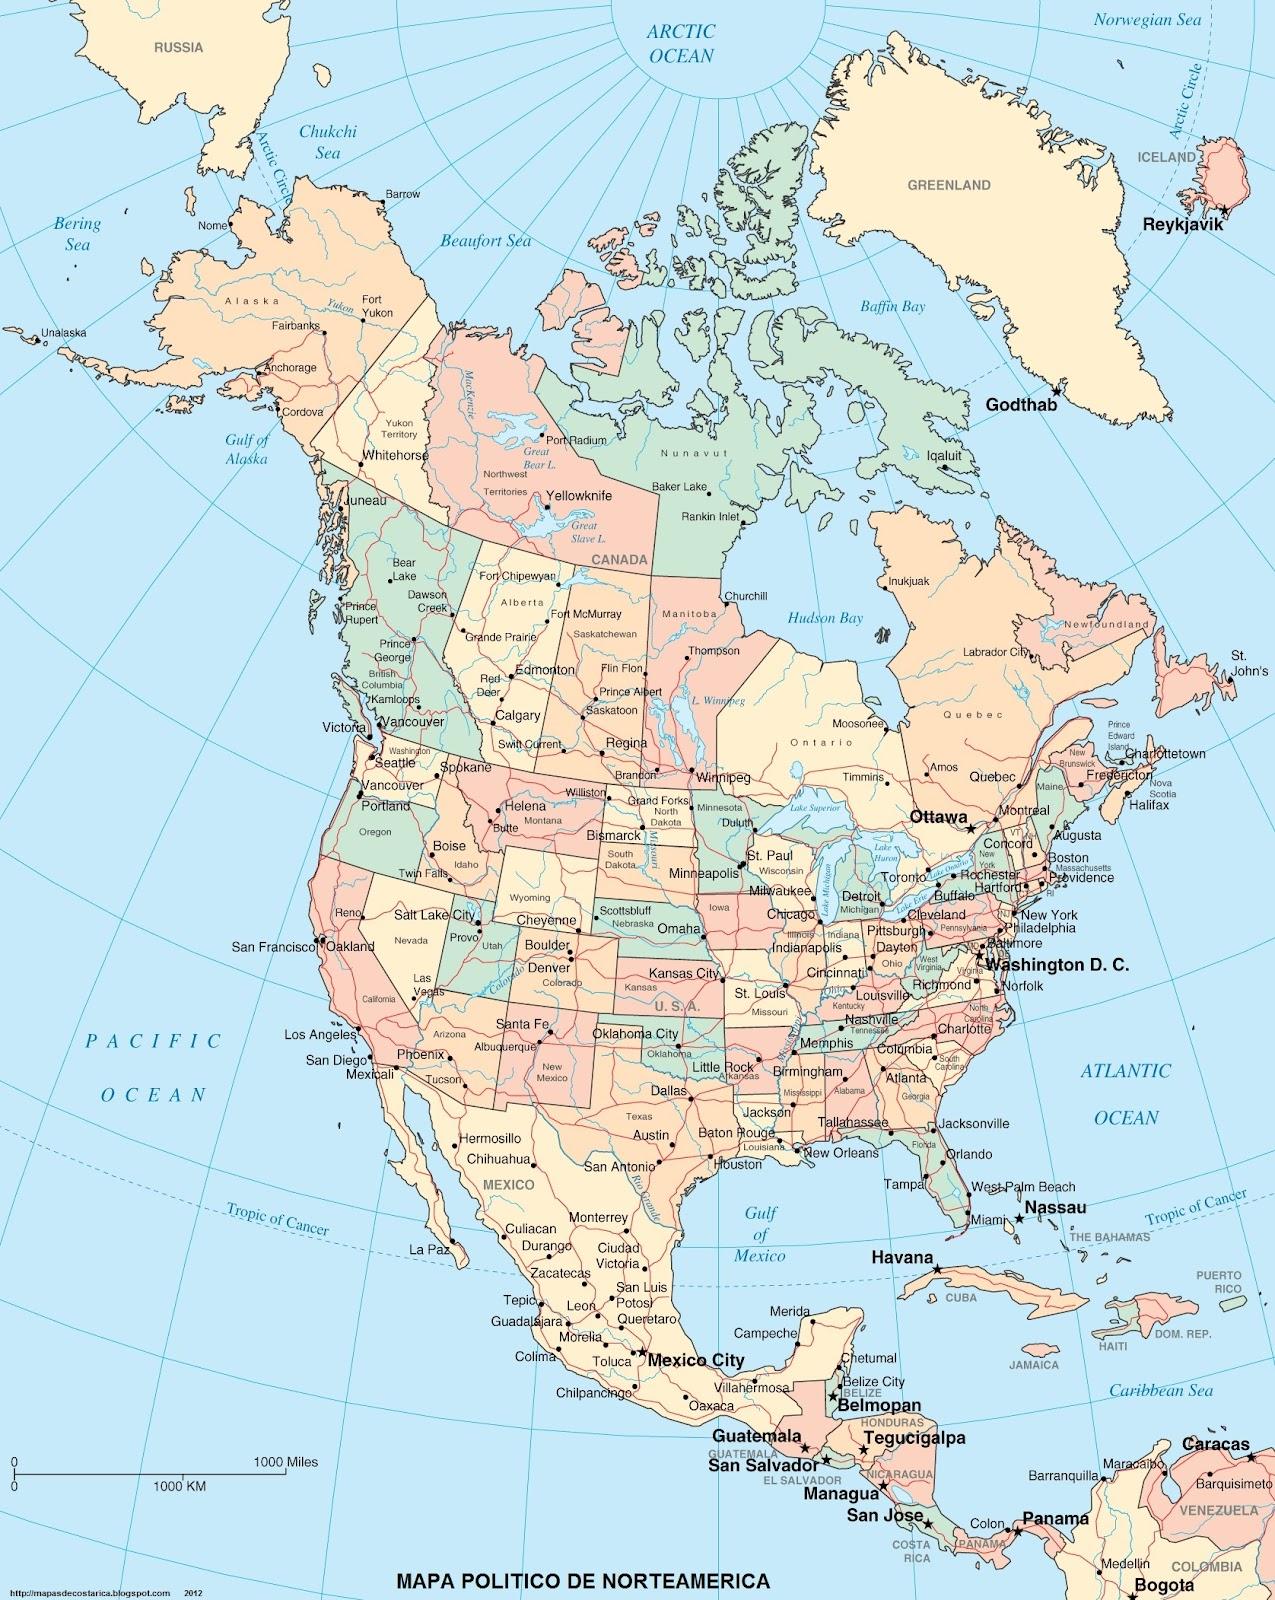 Mapa de America del Norte - Mapa Físico, Geográfico, Político ...